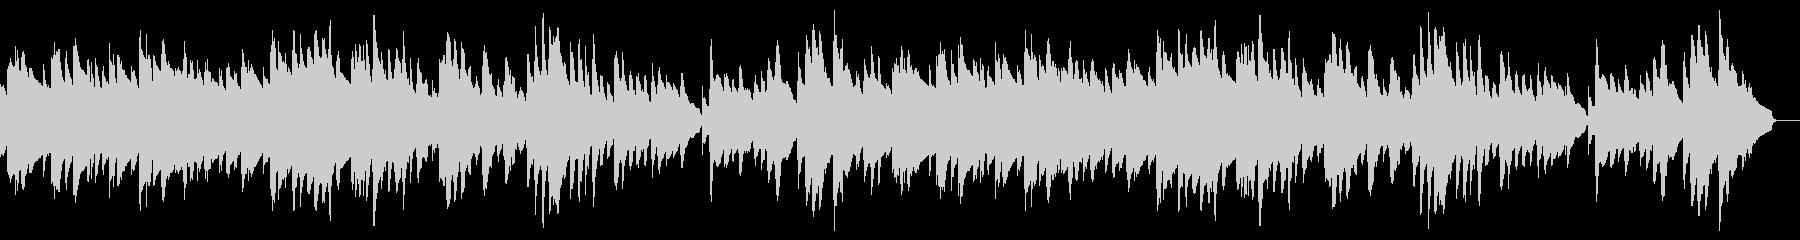 もの哀しい静かな曲 ビブラフォン ハープの未再生の波形